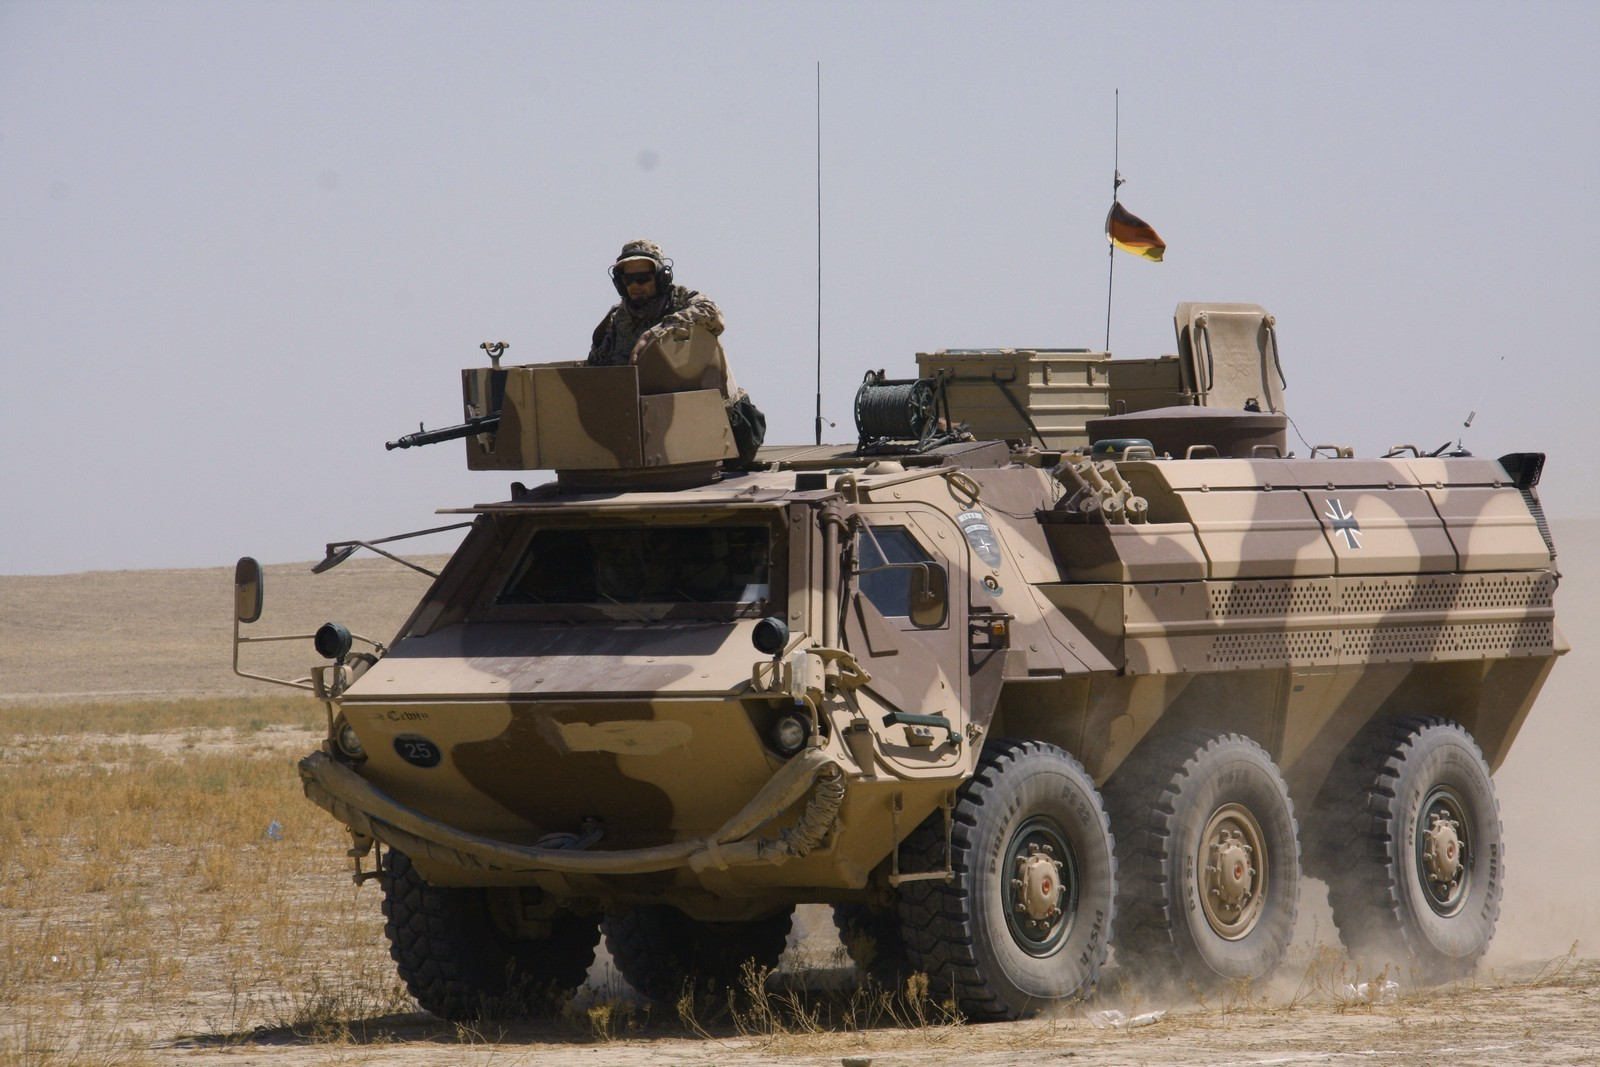 알제리에 장갑차 천여대와 공장을 판매하는 독일